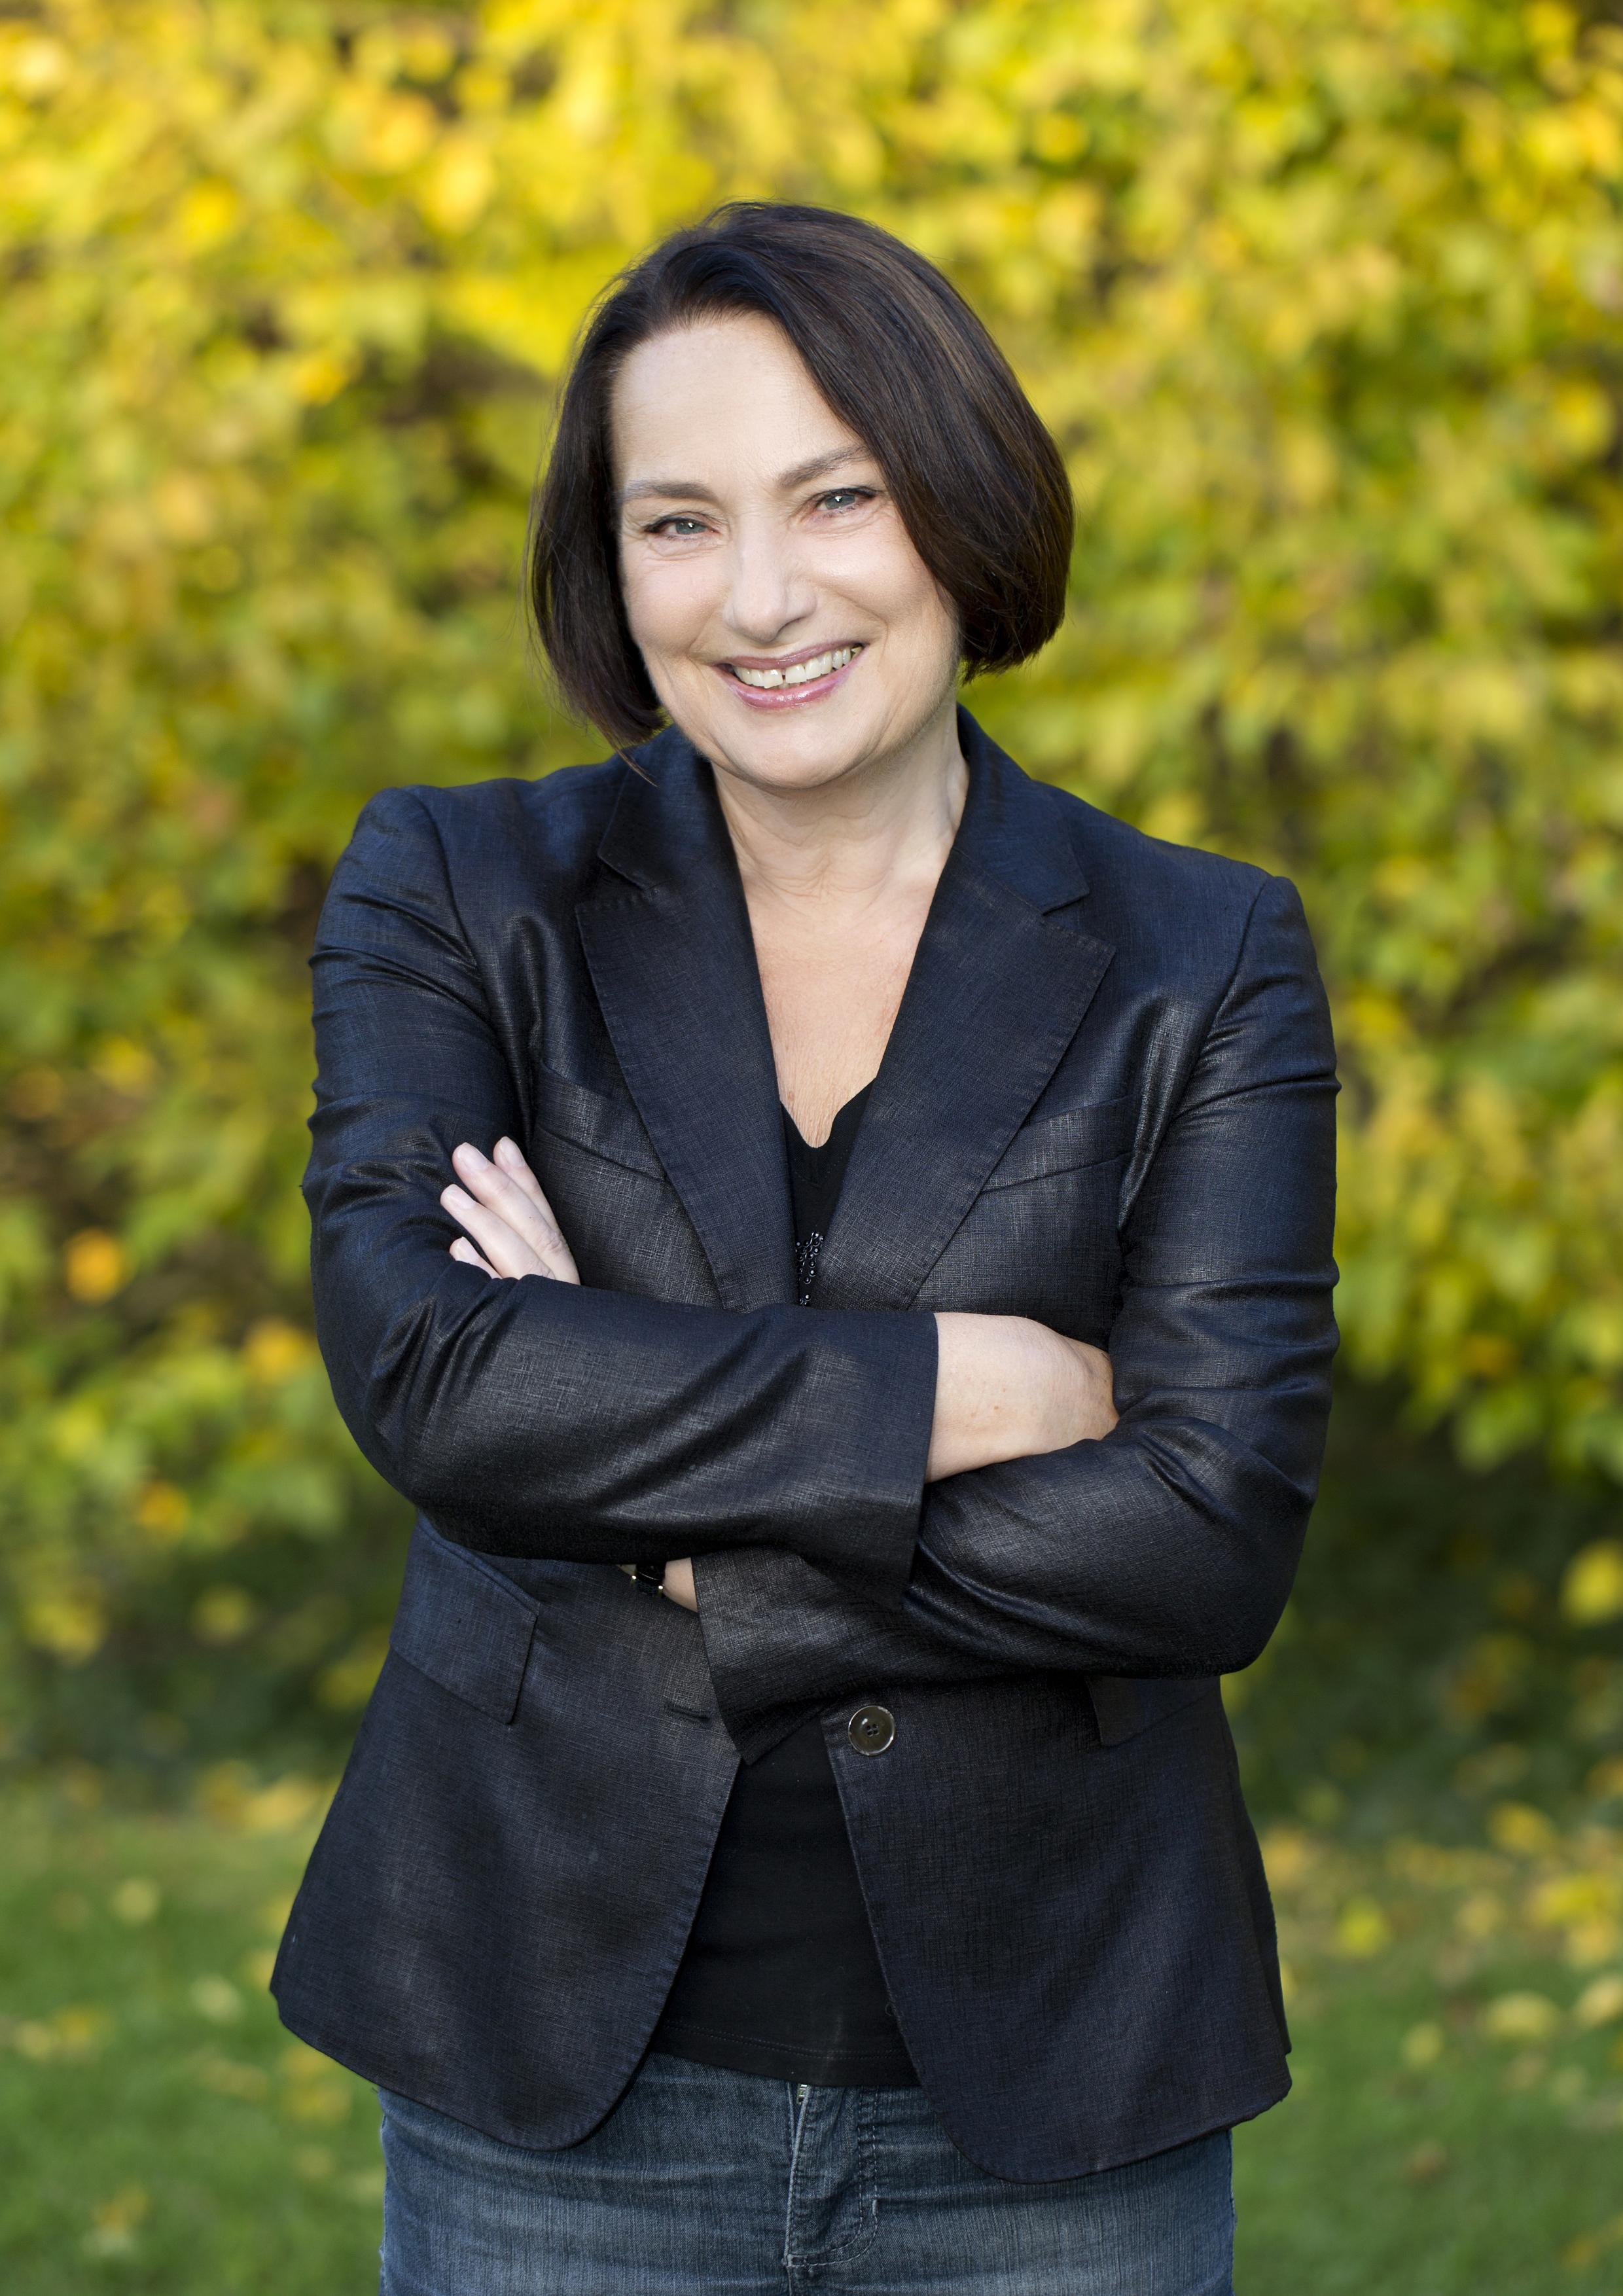 Evelyn Deutsch-Schreiner (c) Evelyn Deutsch-Schreiner